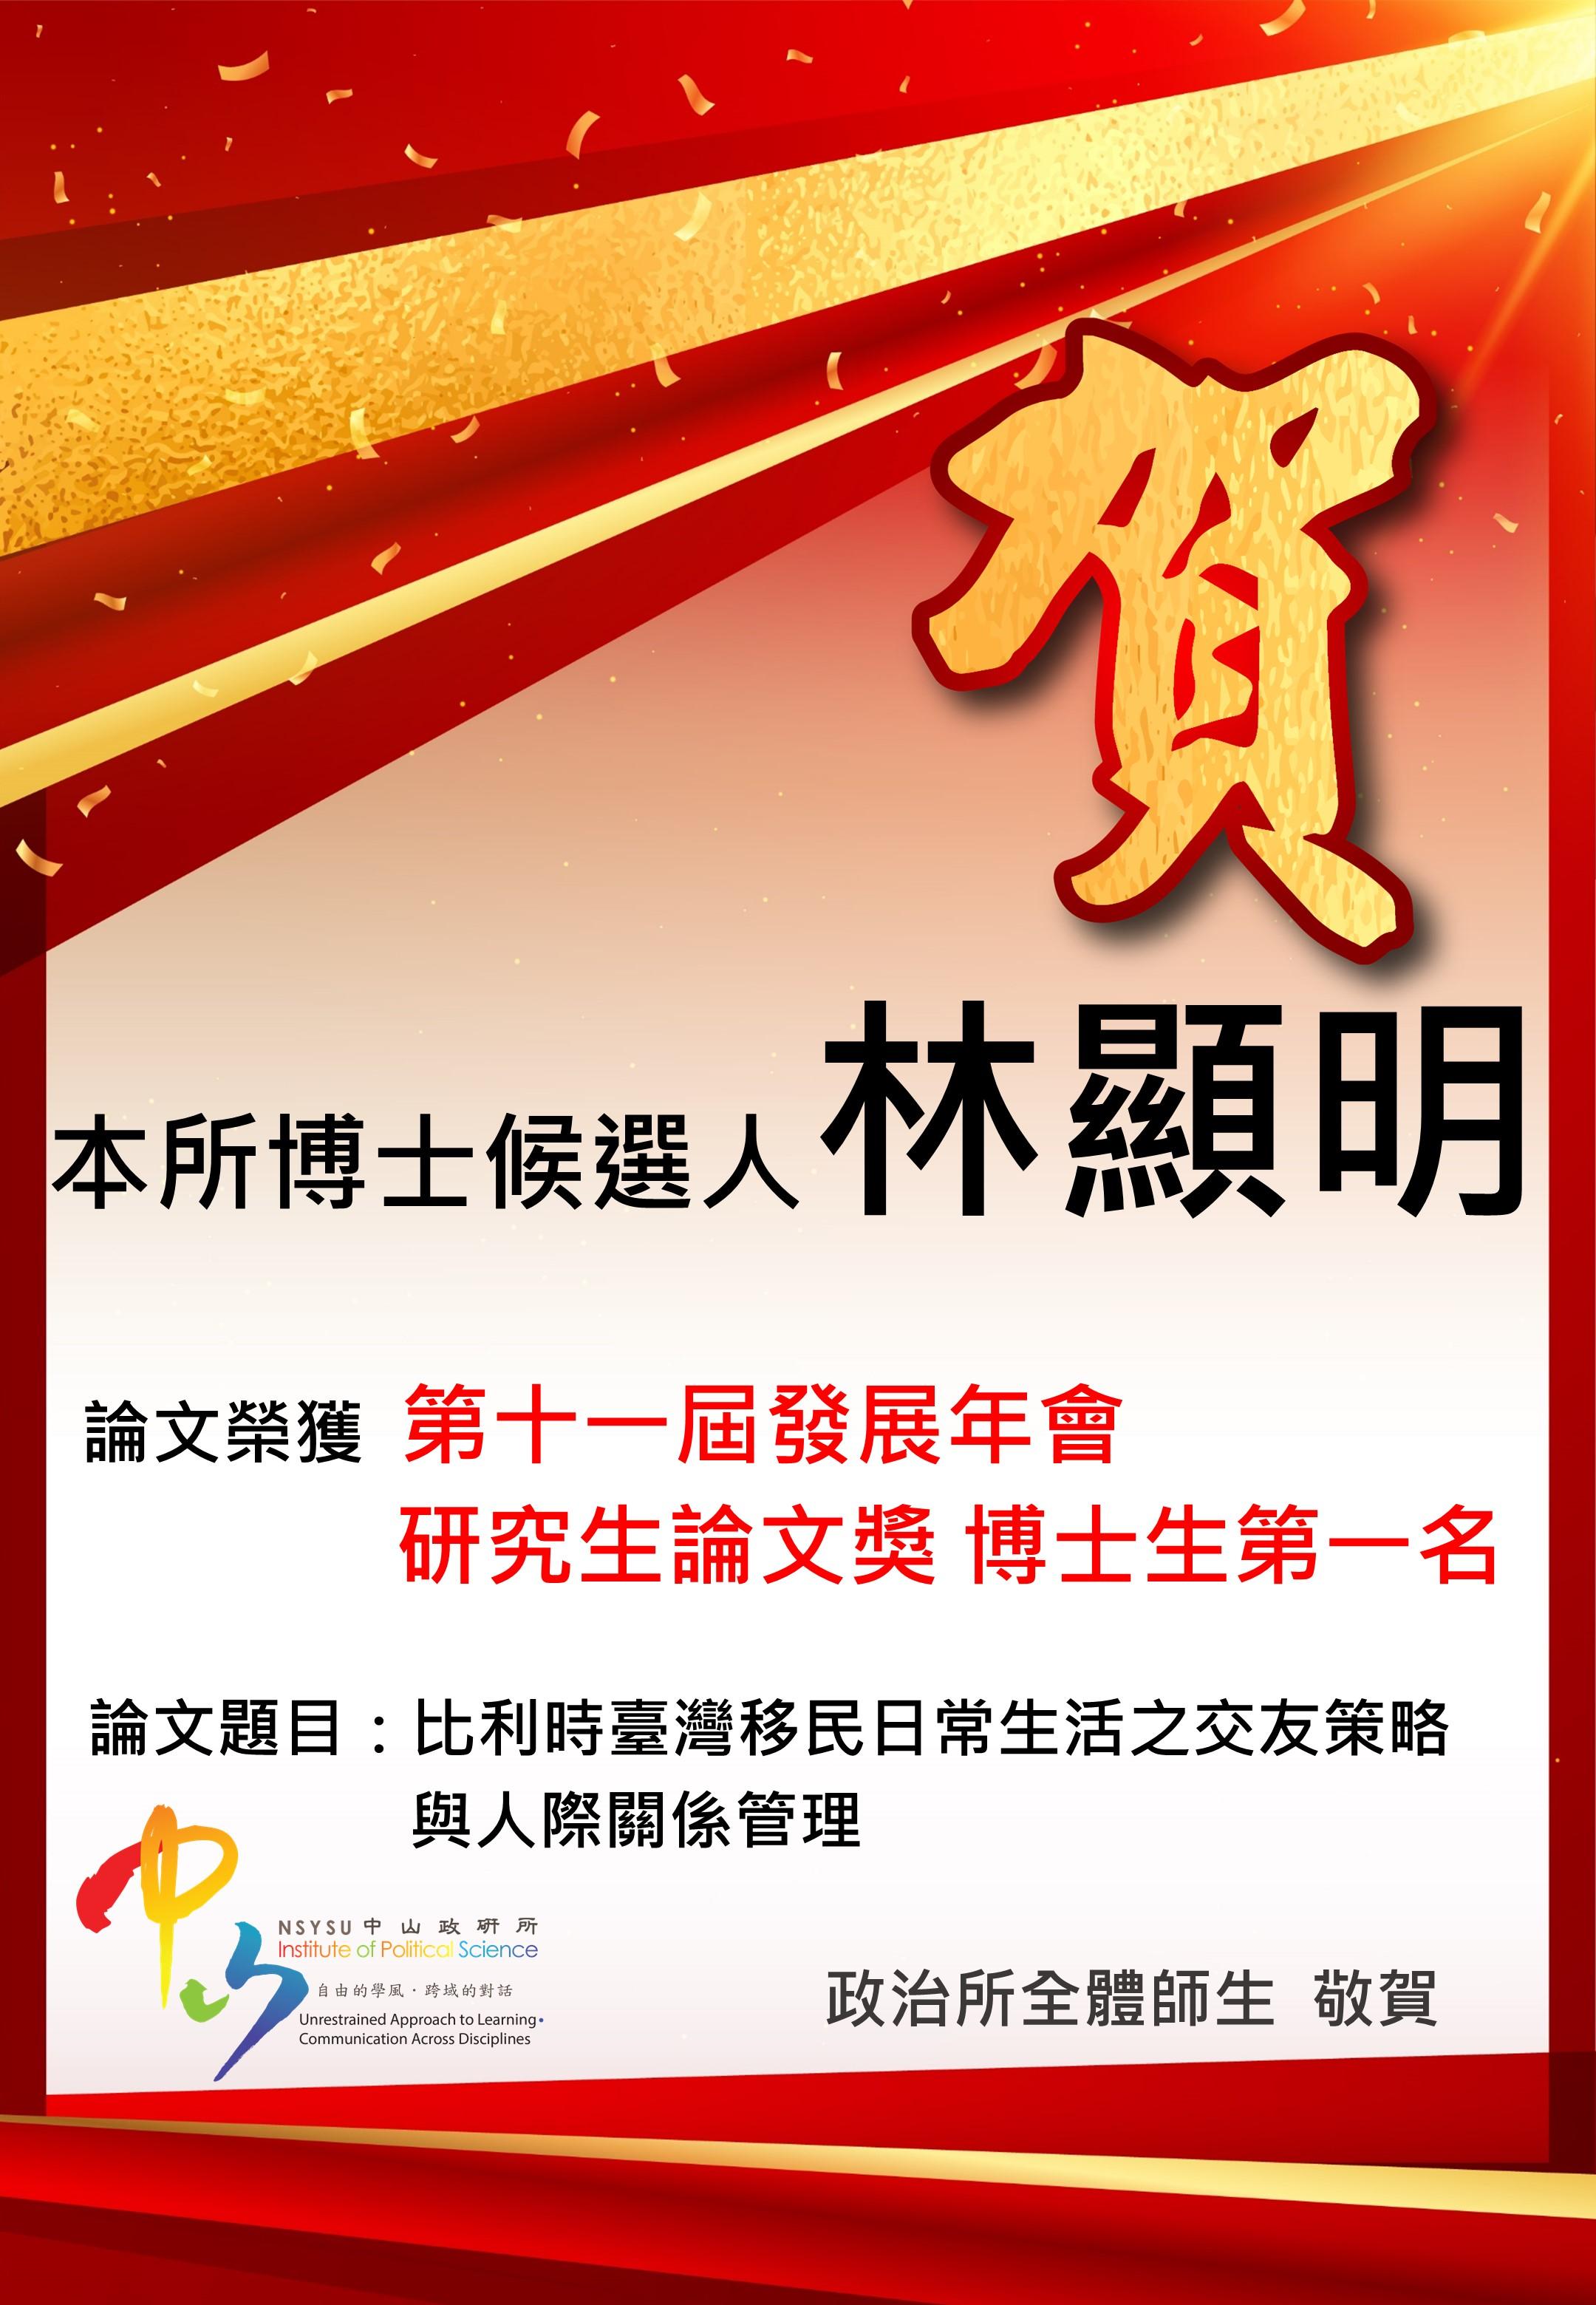 恭賀本所博士候選人林顯明論文於第11屆發展研究年會研究生論文獎博士生第一名